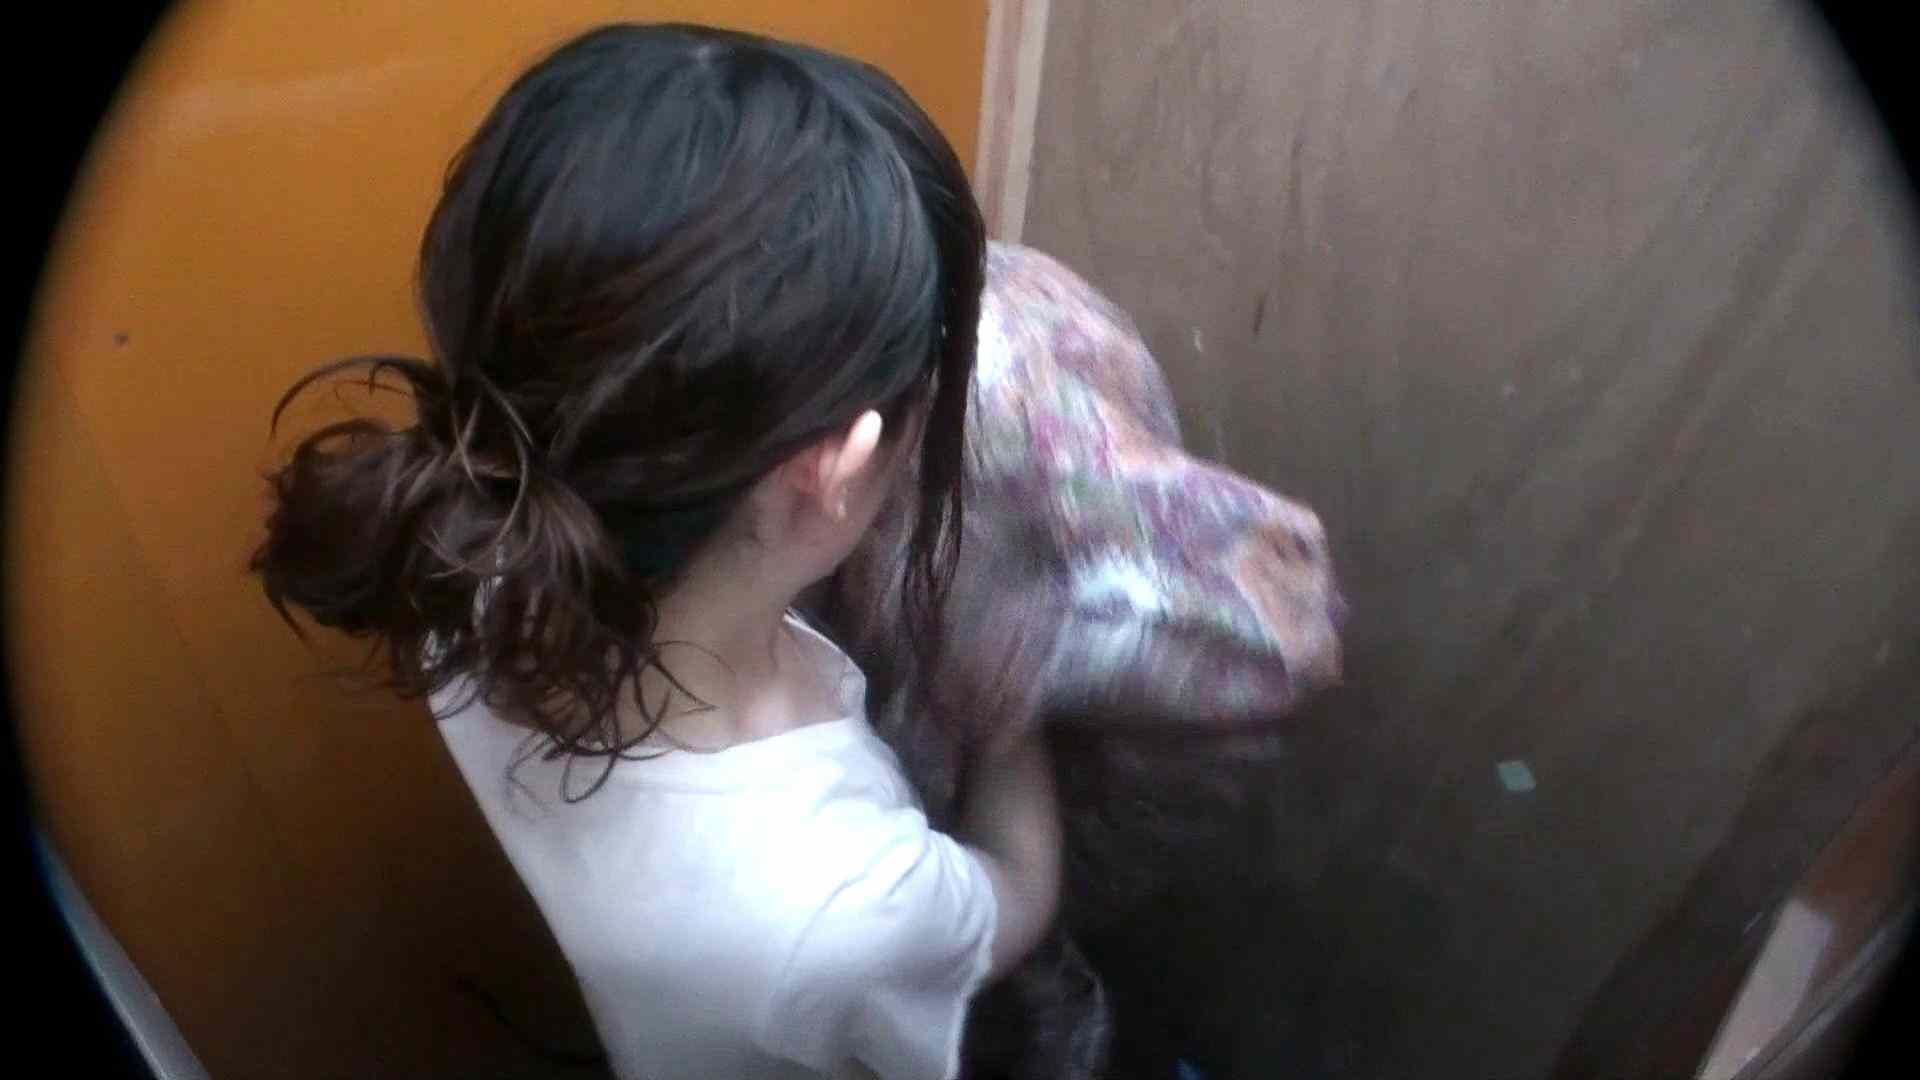 シャワールームは超!!危険な香りVol.29 こっちを向いて欲しい貧乳姉さん 美しいOLの裸体 SEX無修正画像 78pic 10